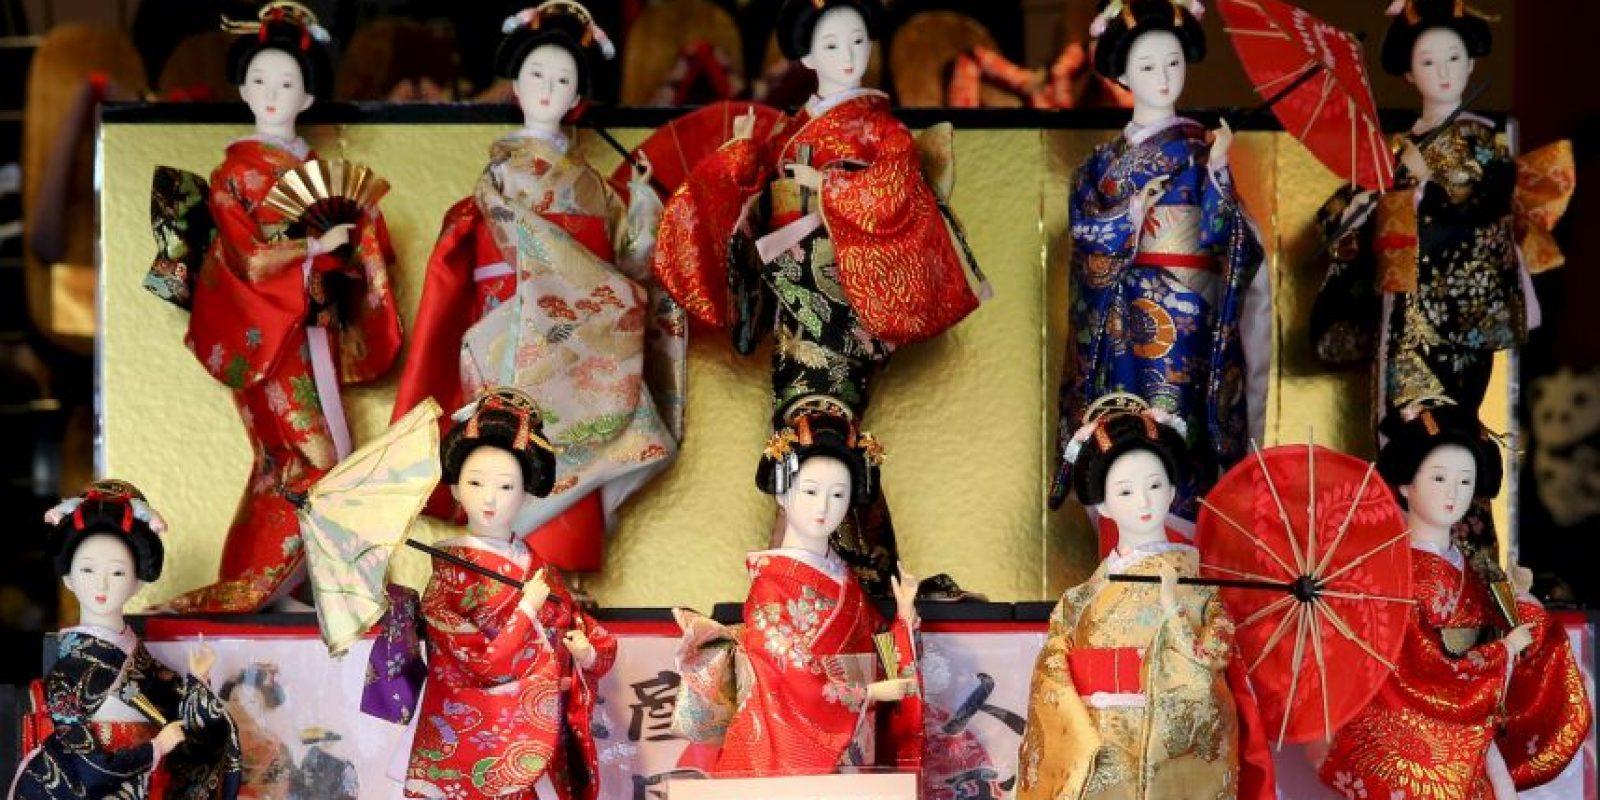 Algunas muñecas se colocan días antes de la celebración para que los turistas las admiren. Foto:Getty Images